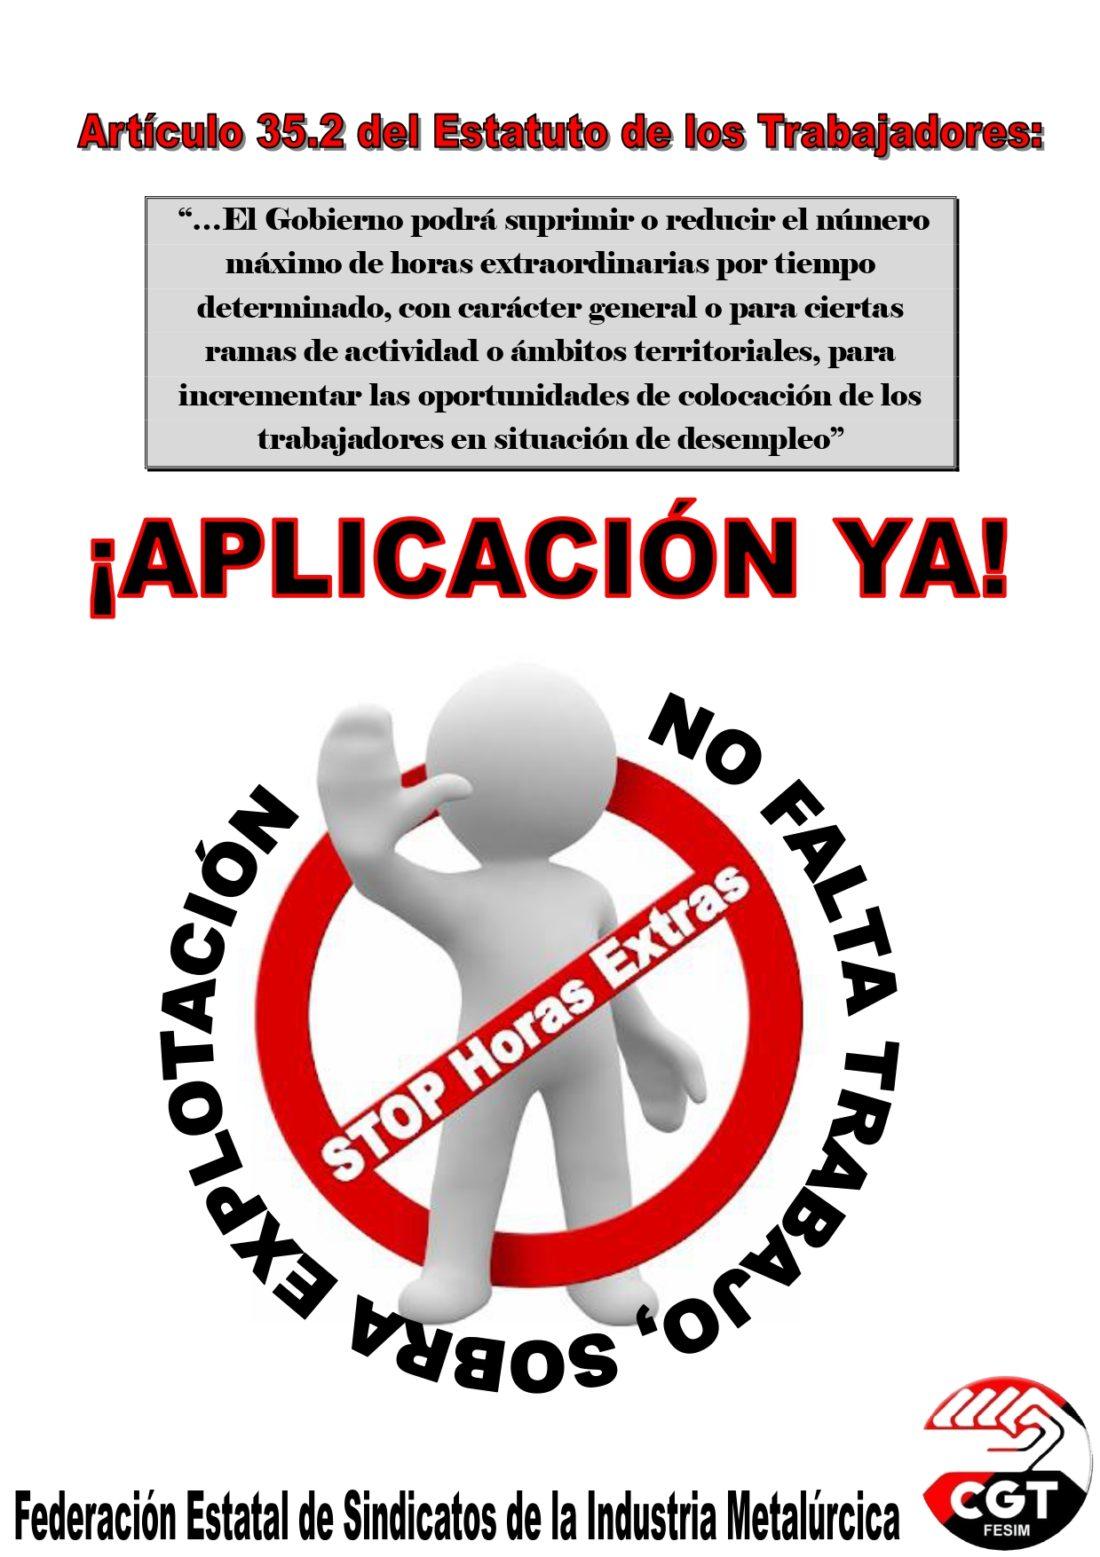 CGT exige al Gobierno de PSOE-UP la aplicación del artículo 35.2 del E.T. sobre supresión de las horas extras